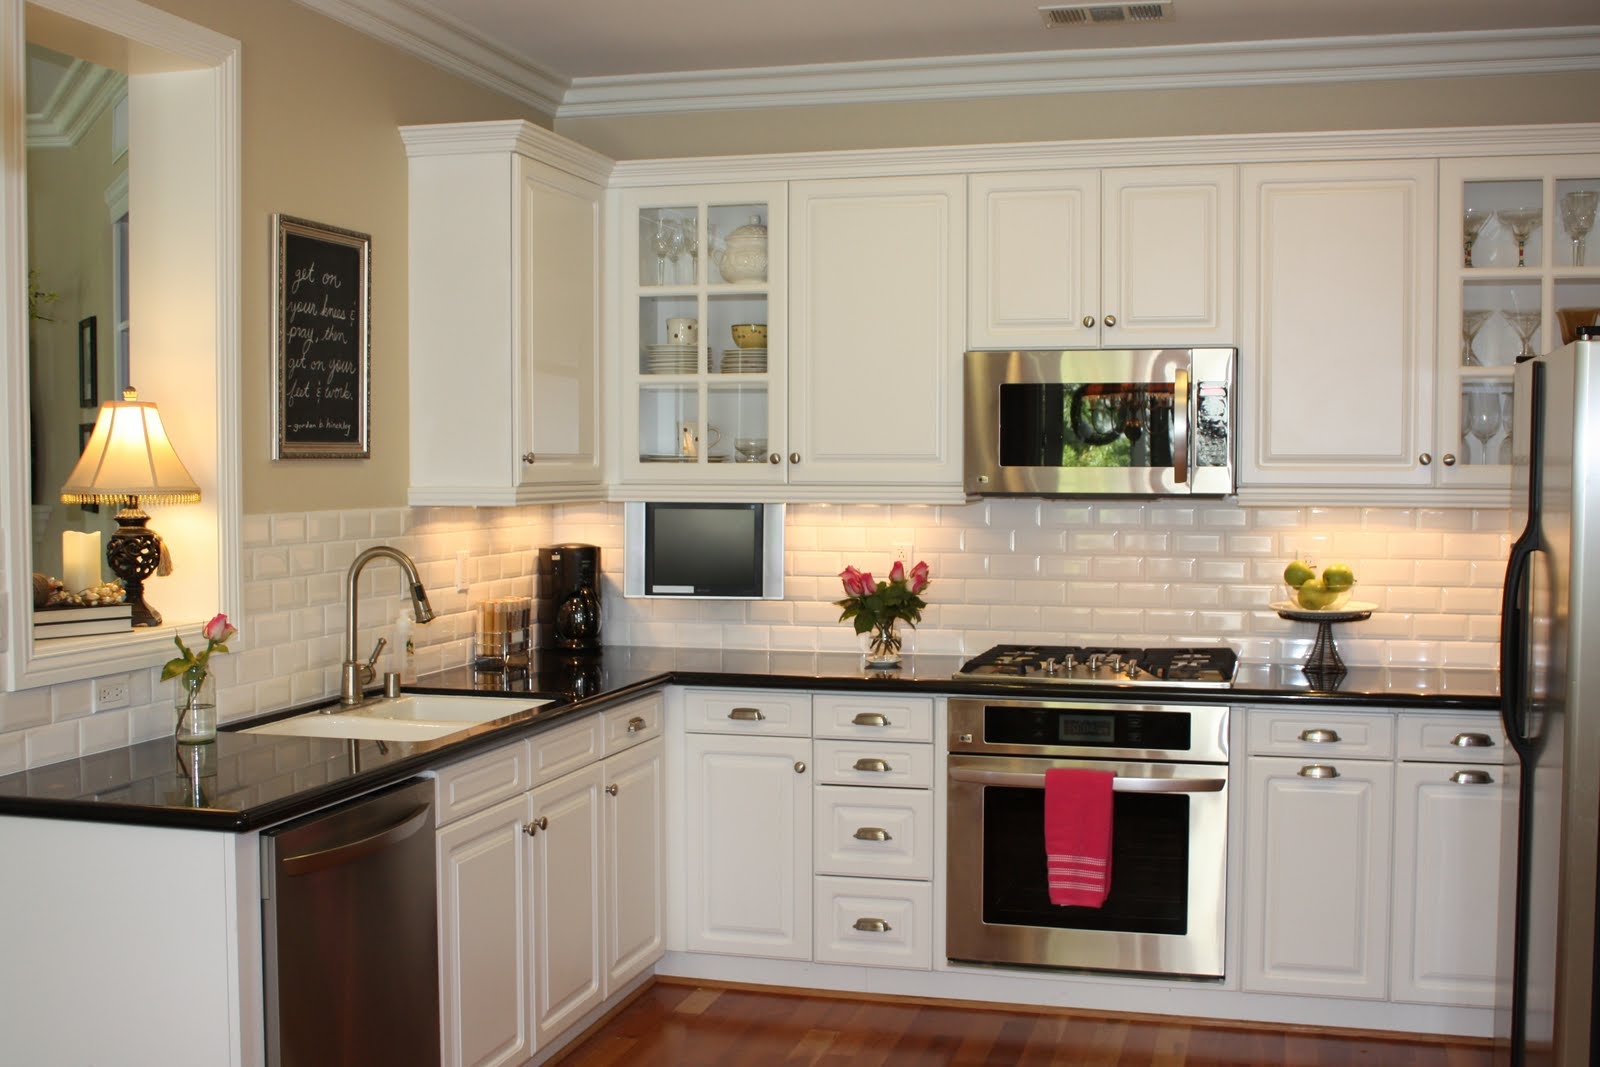 white kitchen ideas kitchen amazing white kitchen backsplash ideas idea light brown kitchen cabinet black white backsplash white